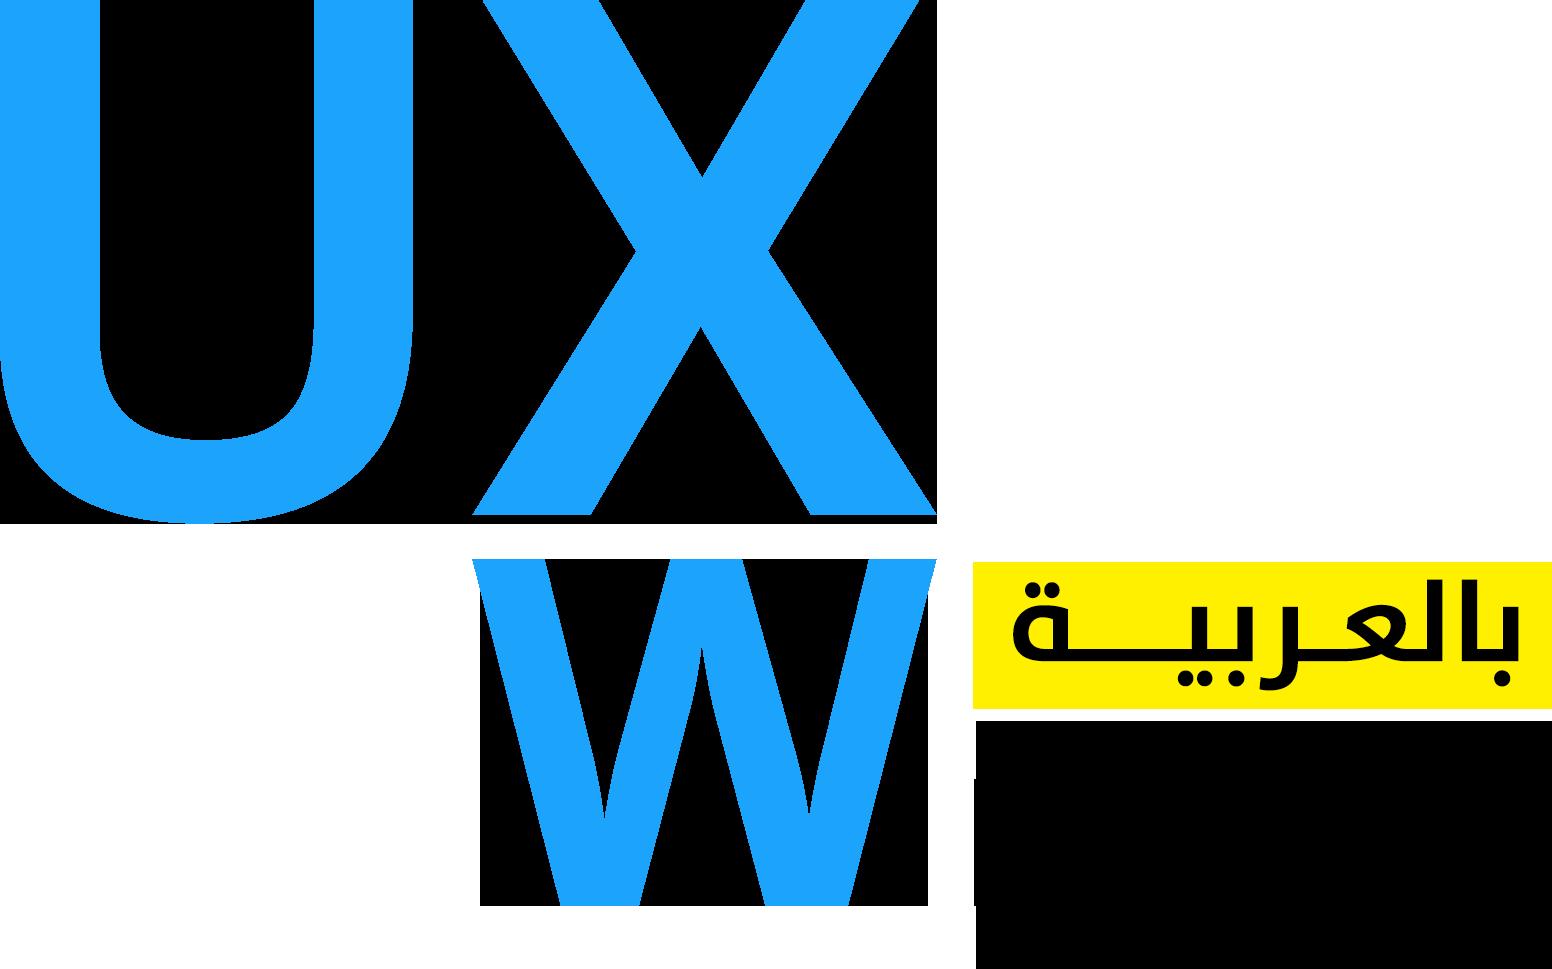 منصّة تعلّم الكتابة لتجربة المستخدم بالعربية